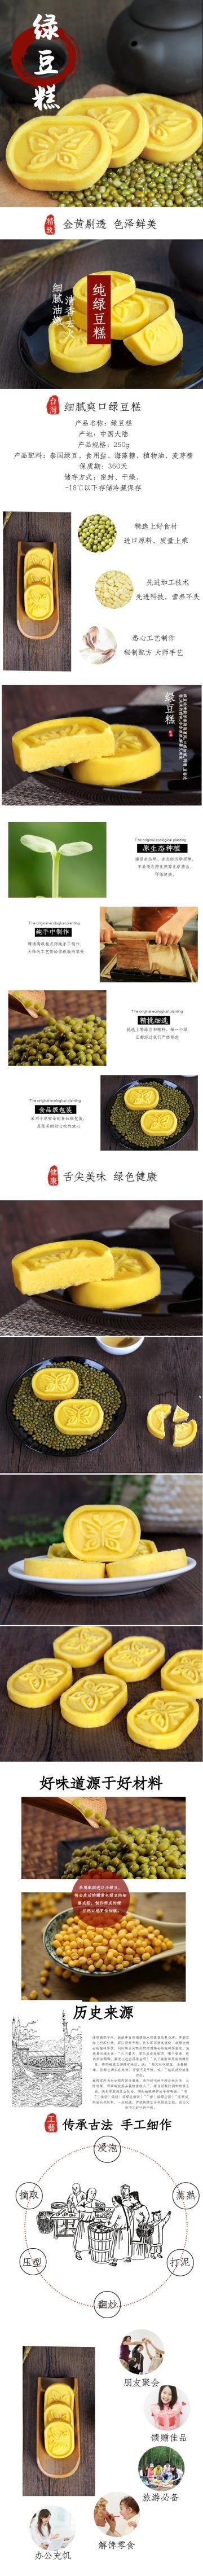 黄色清新简约百货零售小吃零食绿豆糕促销电商详情页